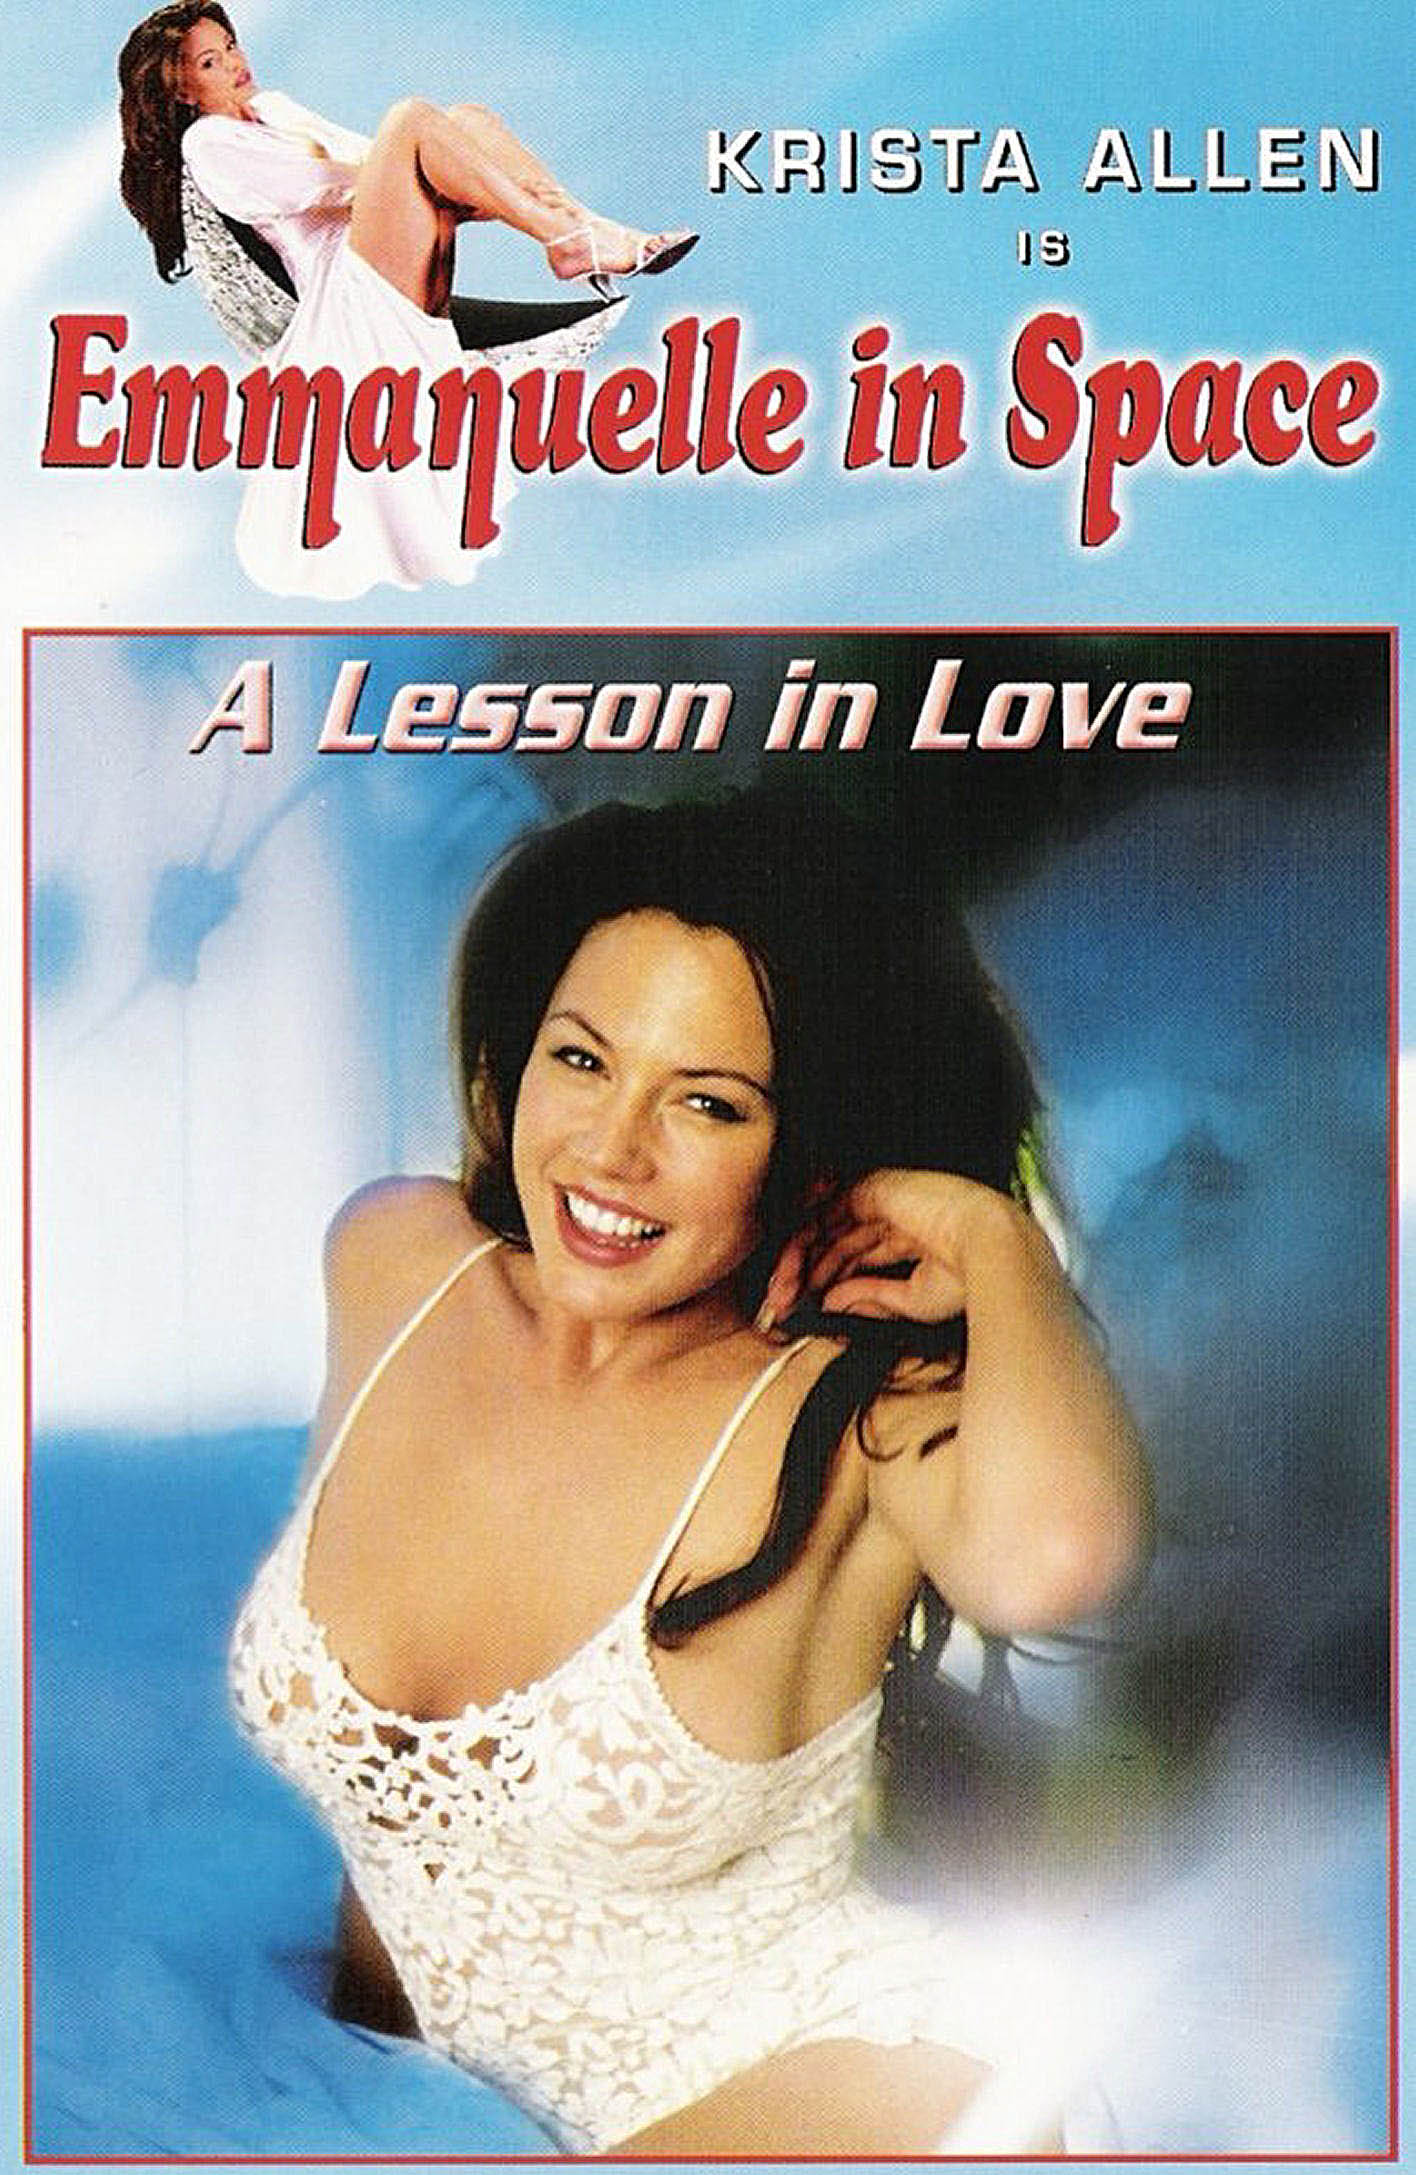 Эротика эммануэль в космосе 3 фотография